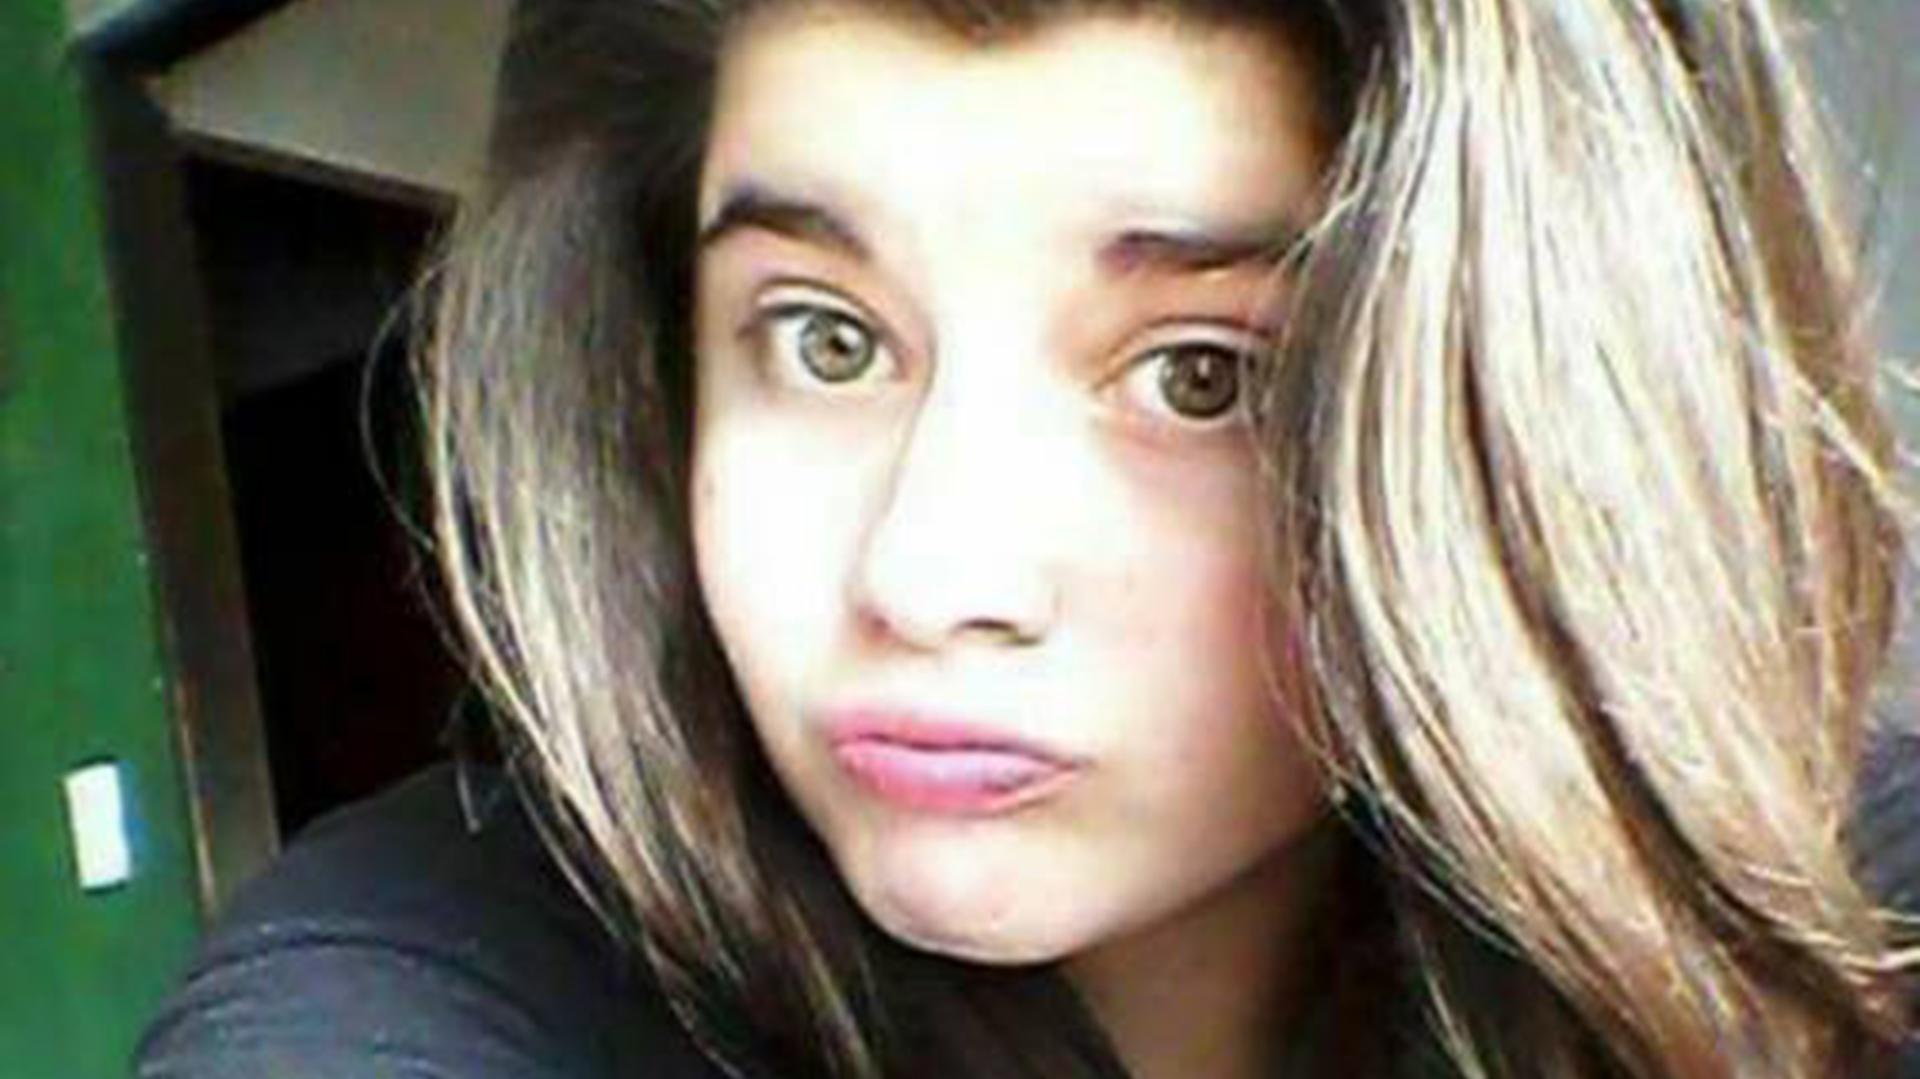 Gisella Tapia Molina, de 16 años, llevaba puesto el uniforme del colegio: un buzo gris y calzas negras